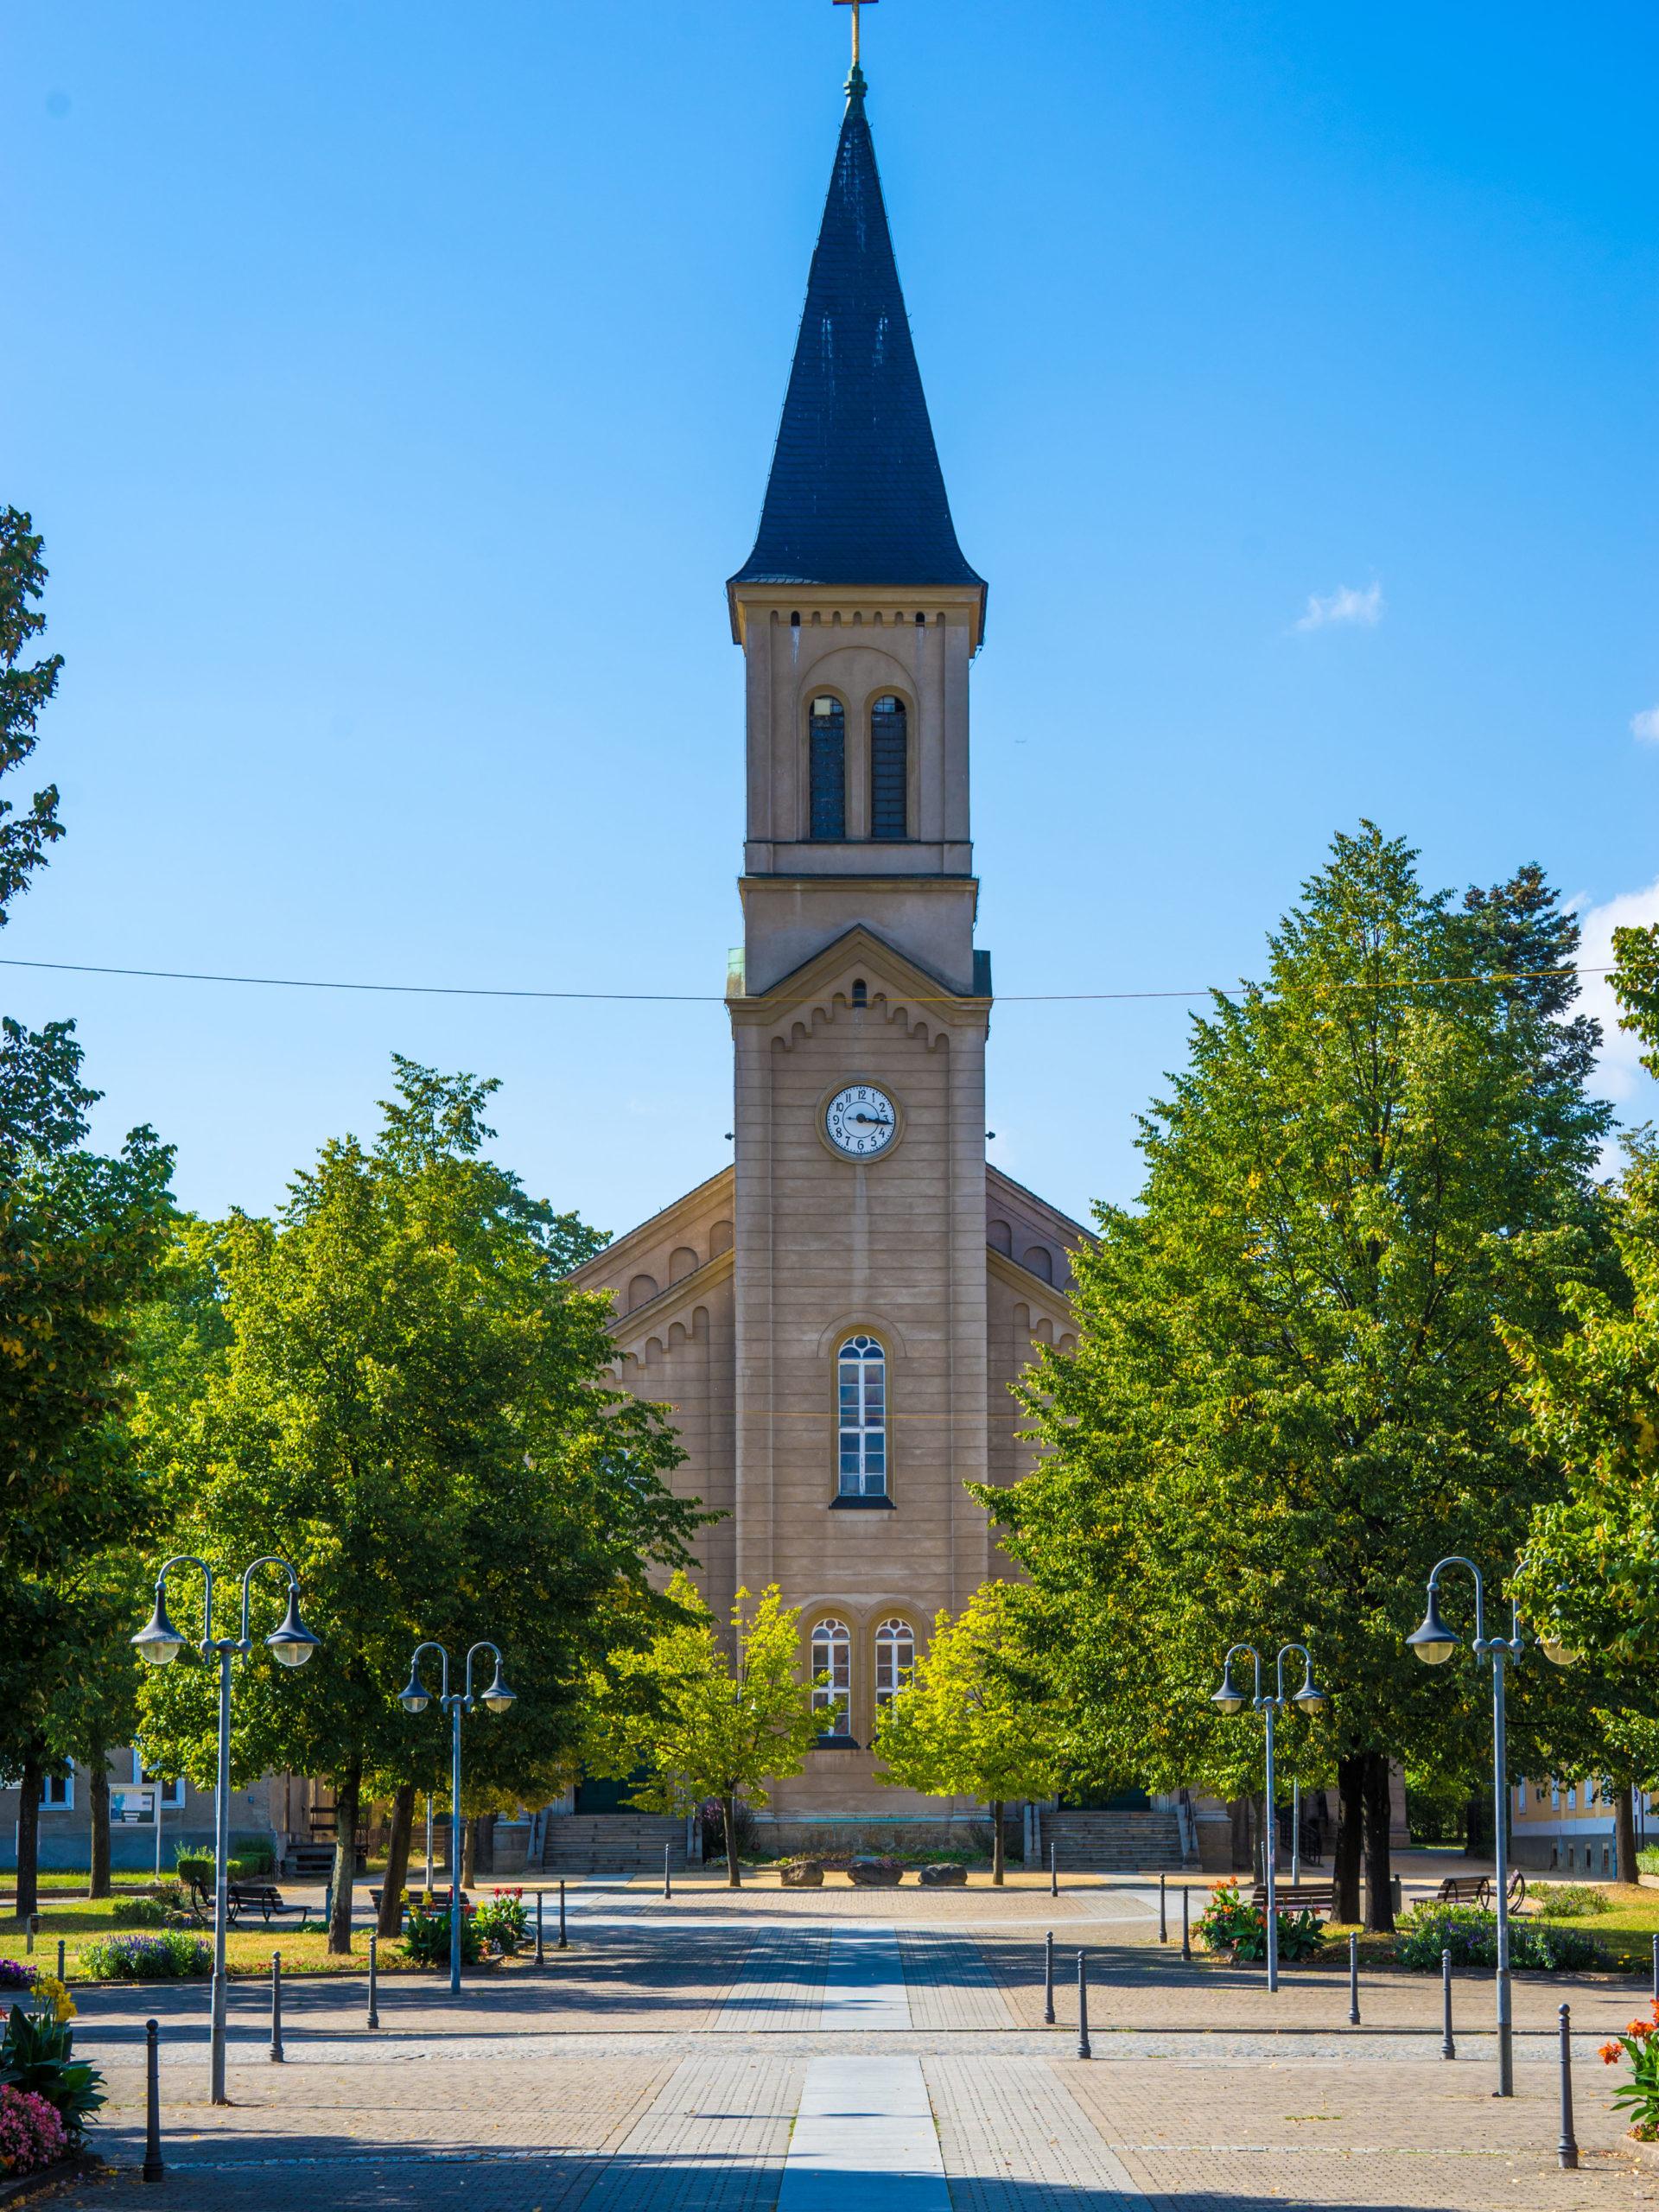 Niesky (sorbisch: Nizka), Oberlausitz, Kirche der Brüdergemeinde am Zinzendorfplatz